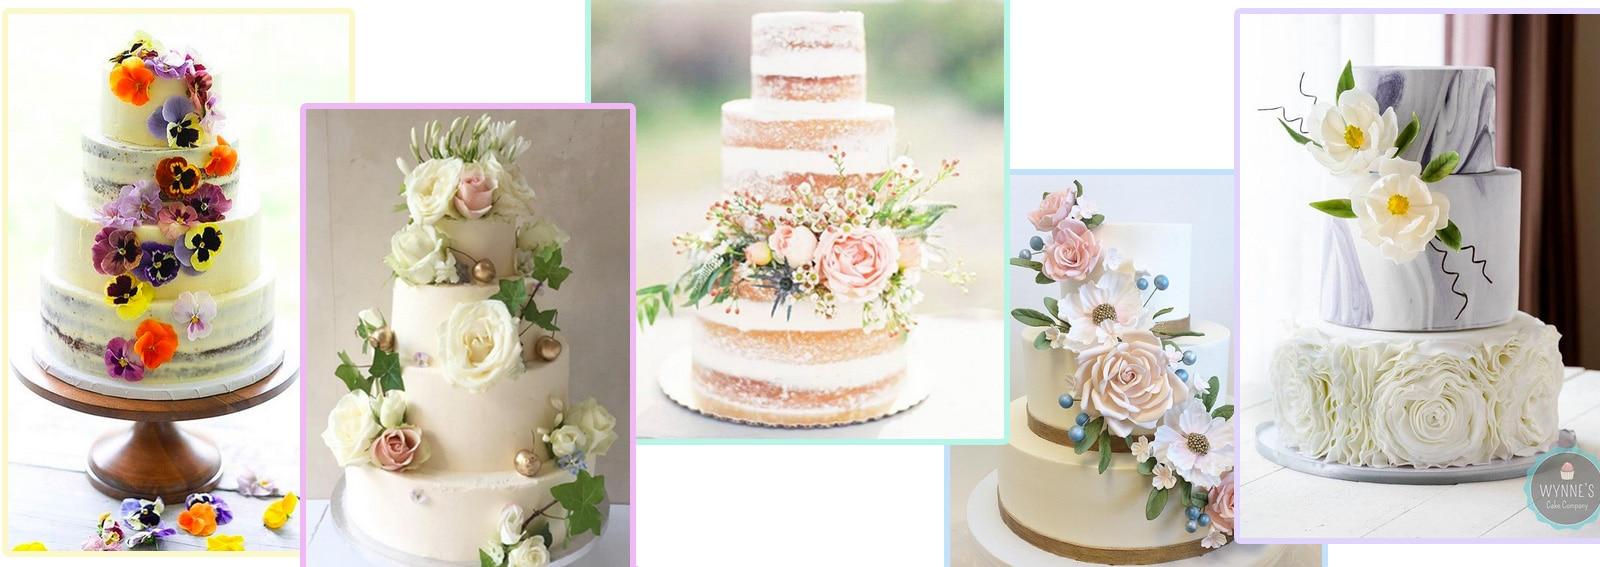 COVER-wedding-cake-da-instragm-DESKTOP